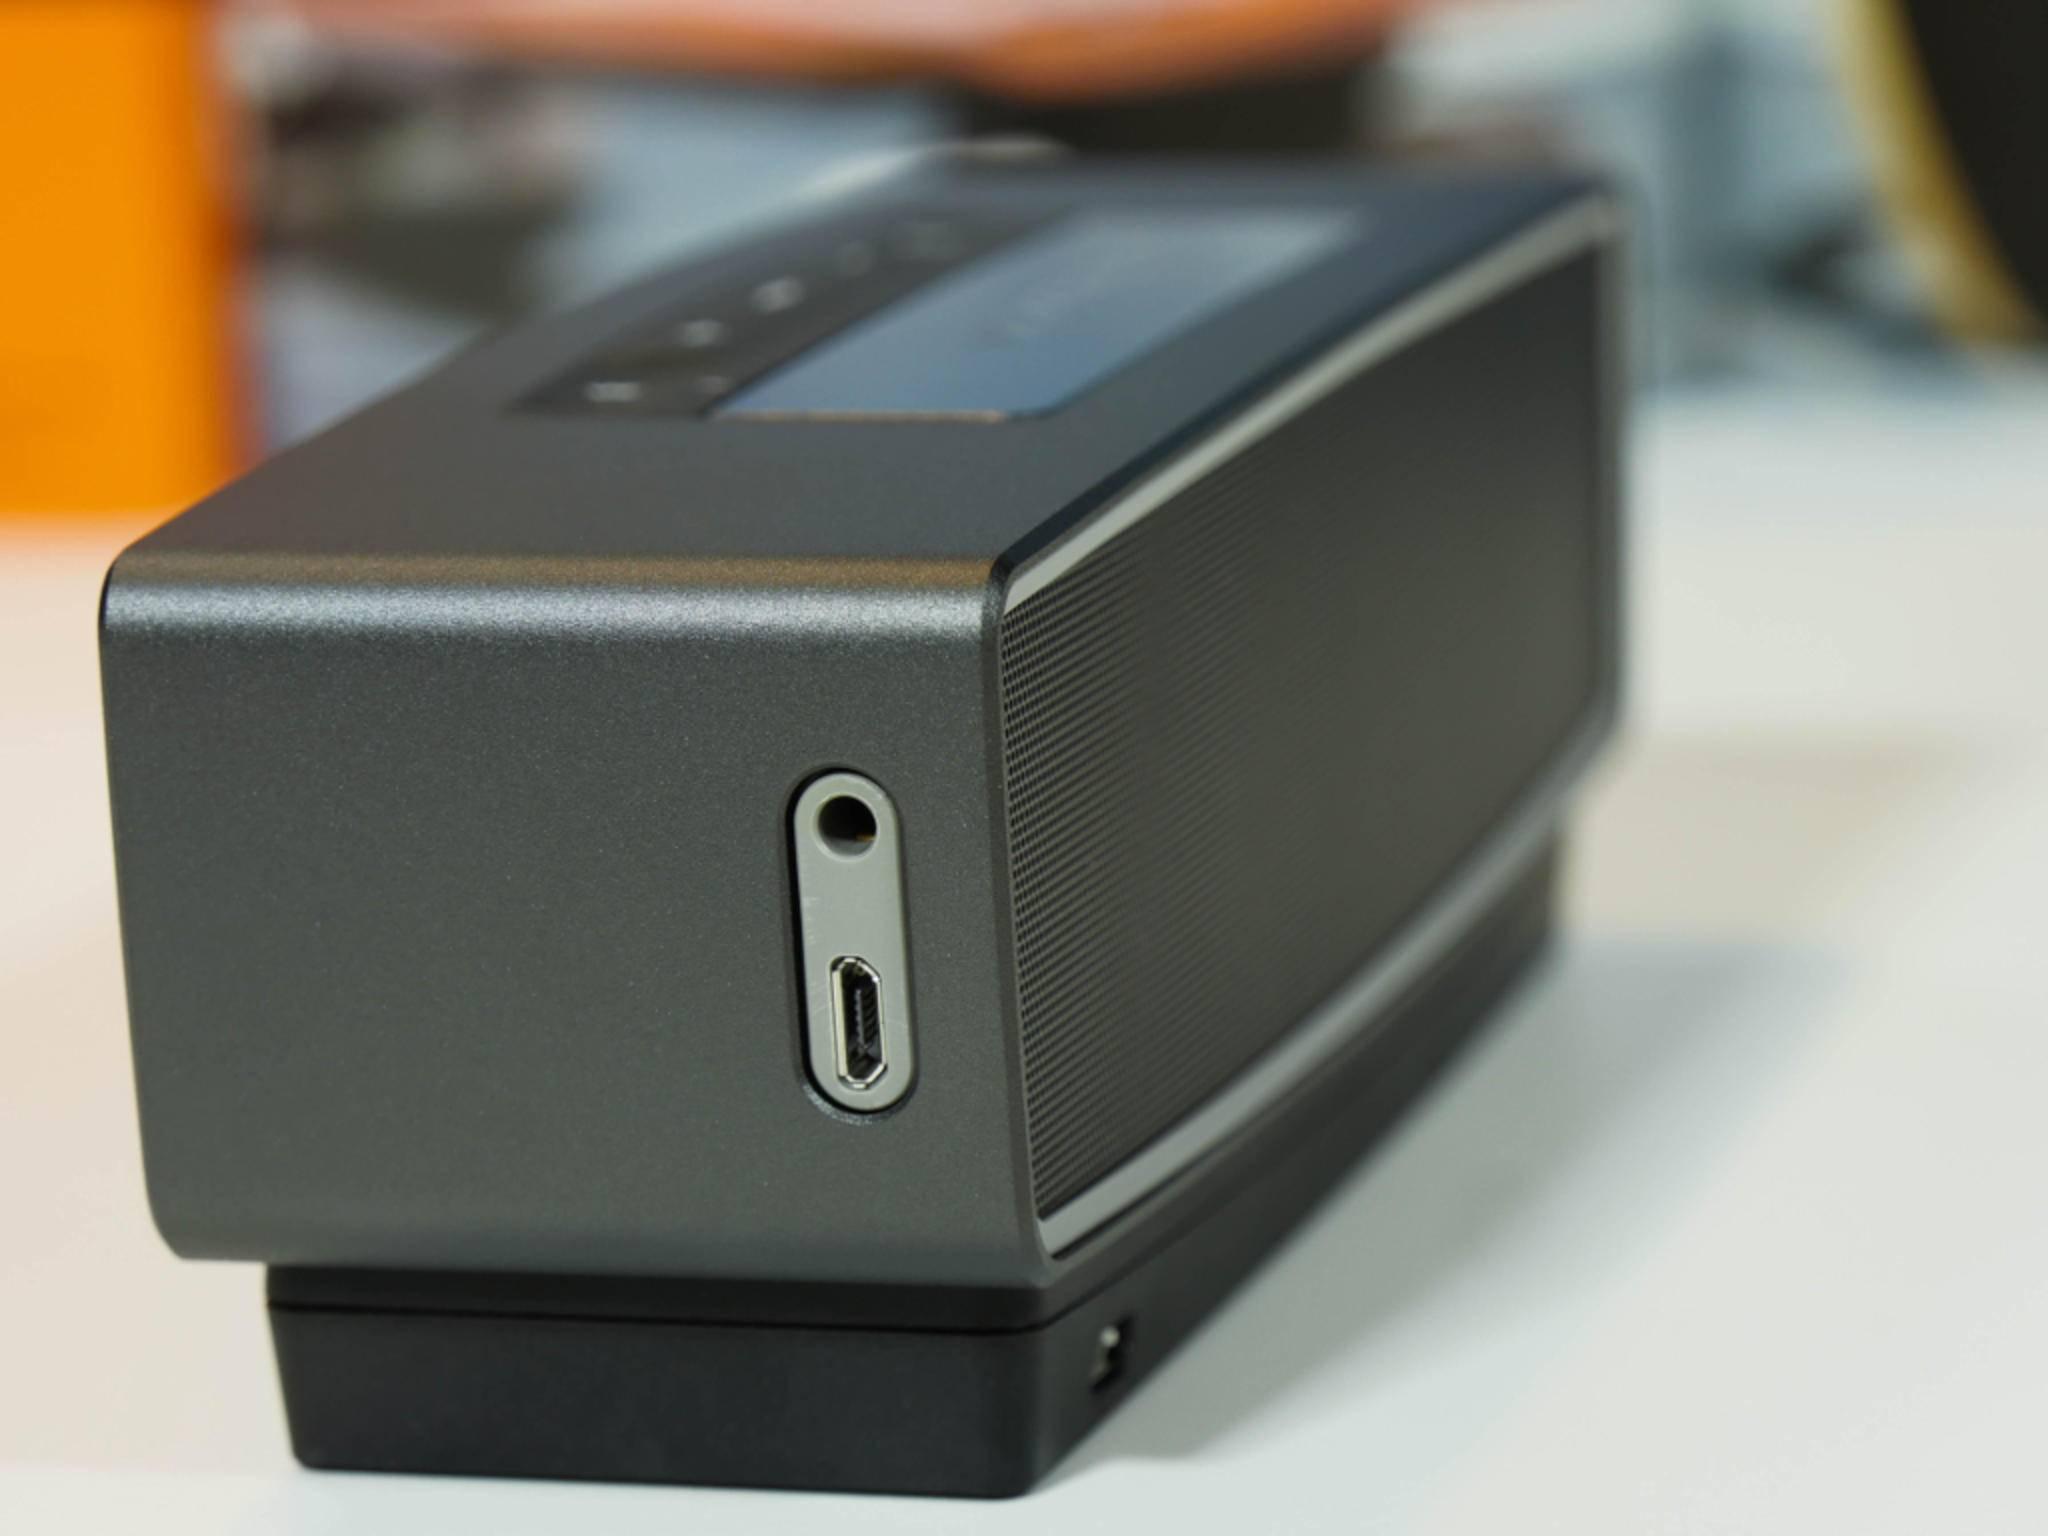 Nimmt man gerne mit: Der Bose SoundLink mini II hält eine Menge aus.